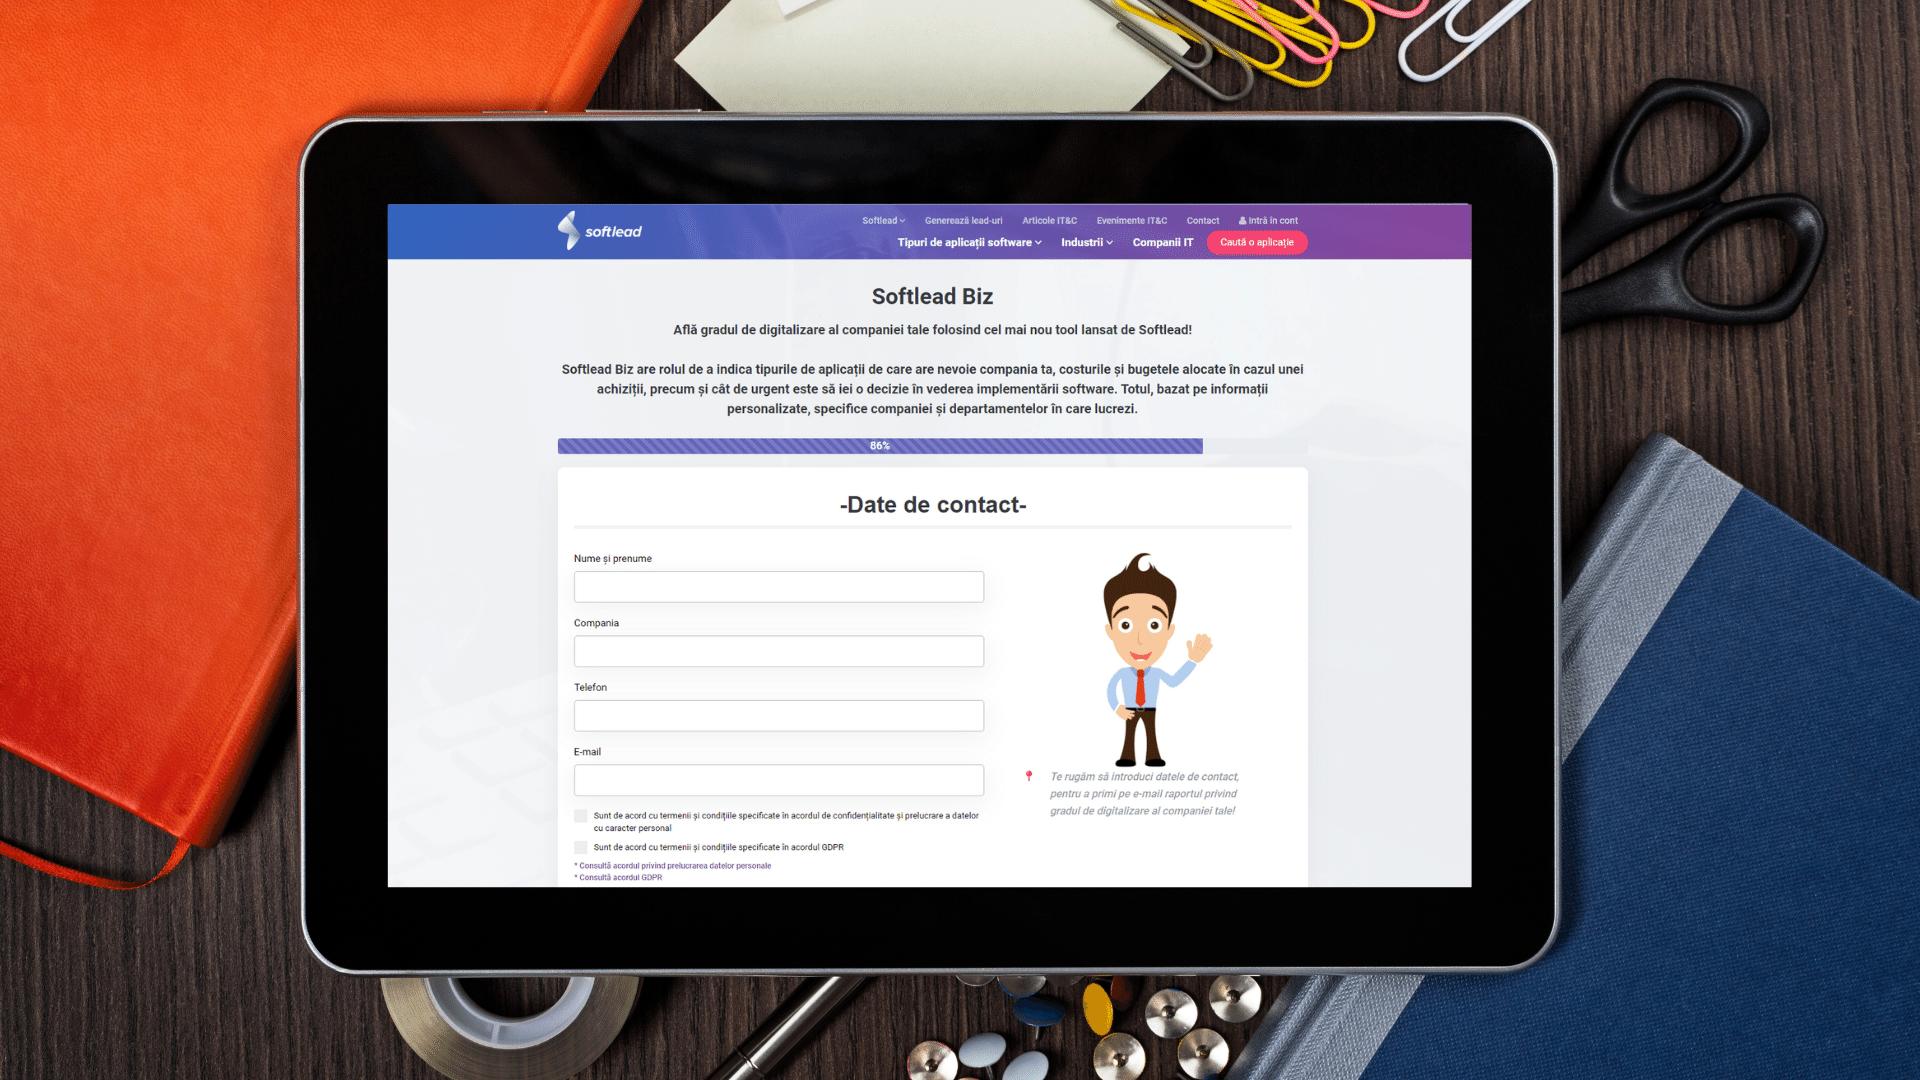 Softlead lansează primul tool ce măsoara gradul de digitalizare al companiilor